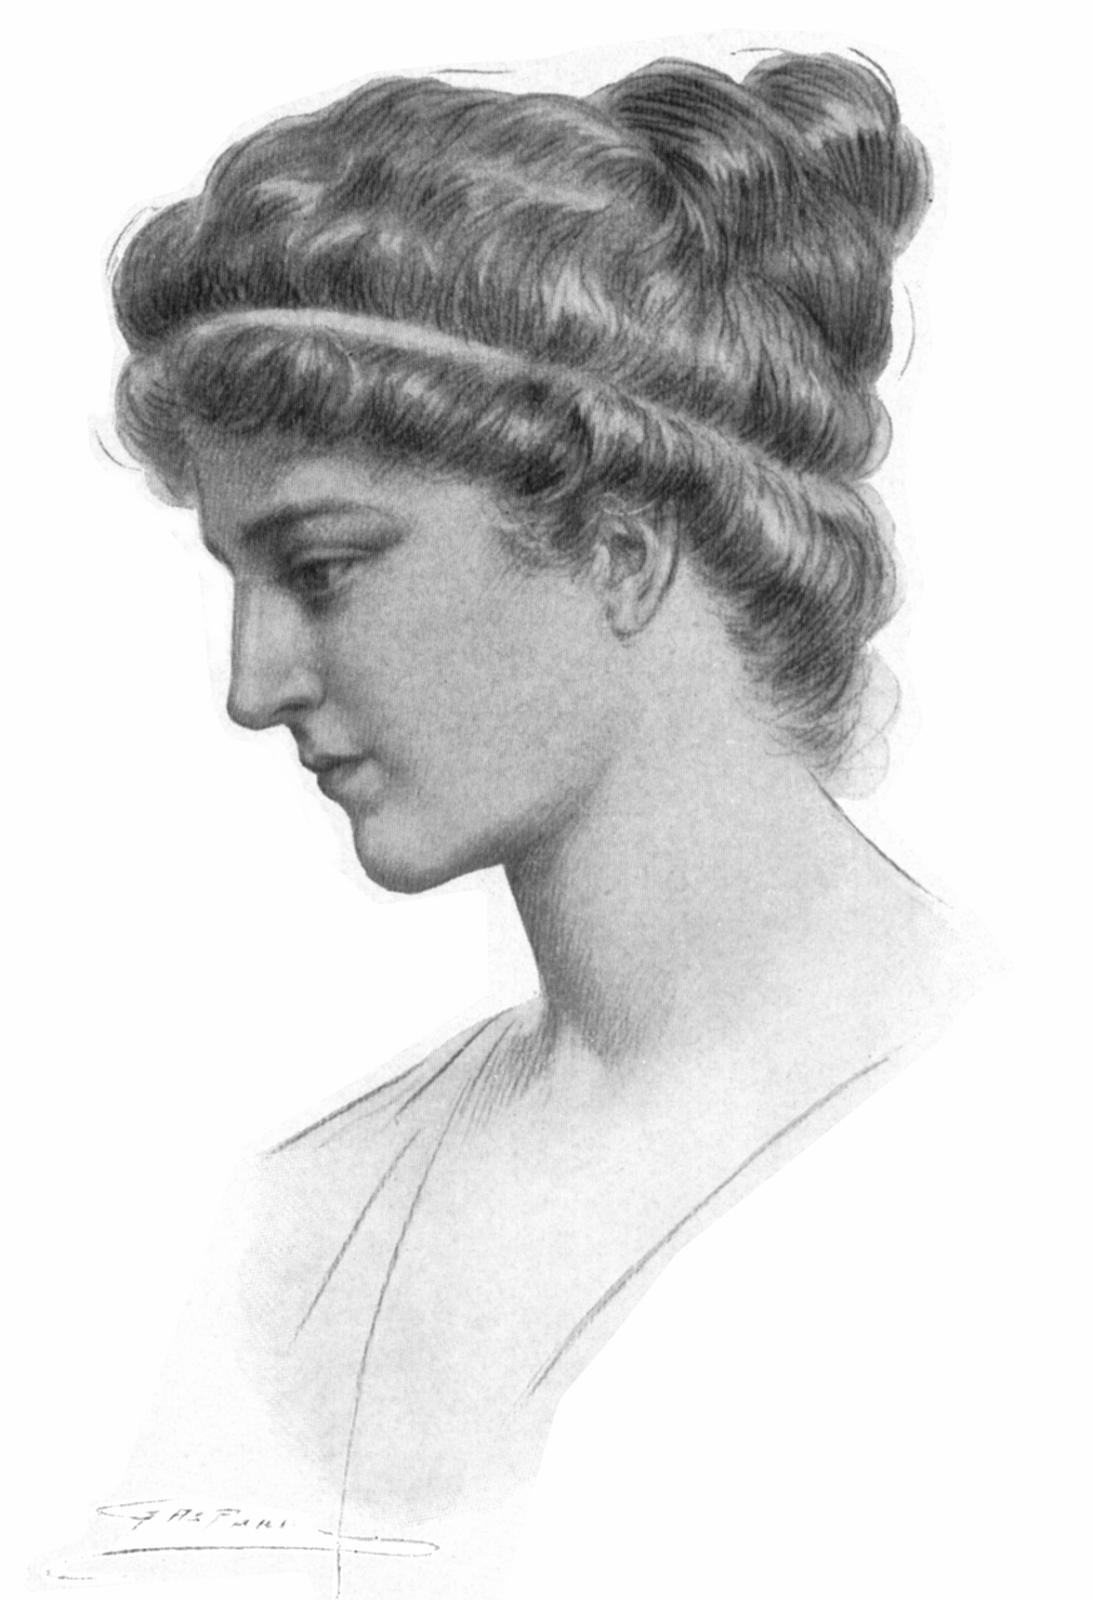 Hipátia de Alexandrina (370 - 415)